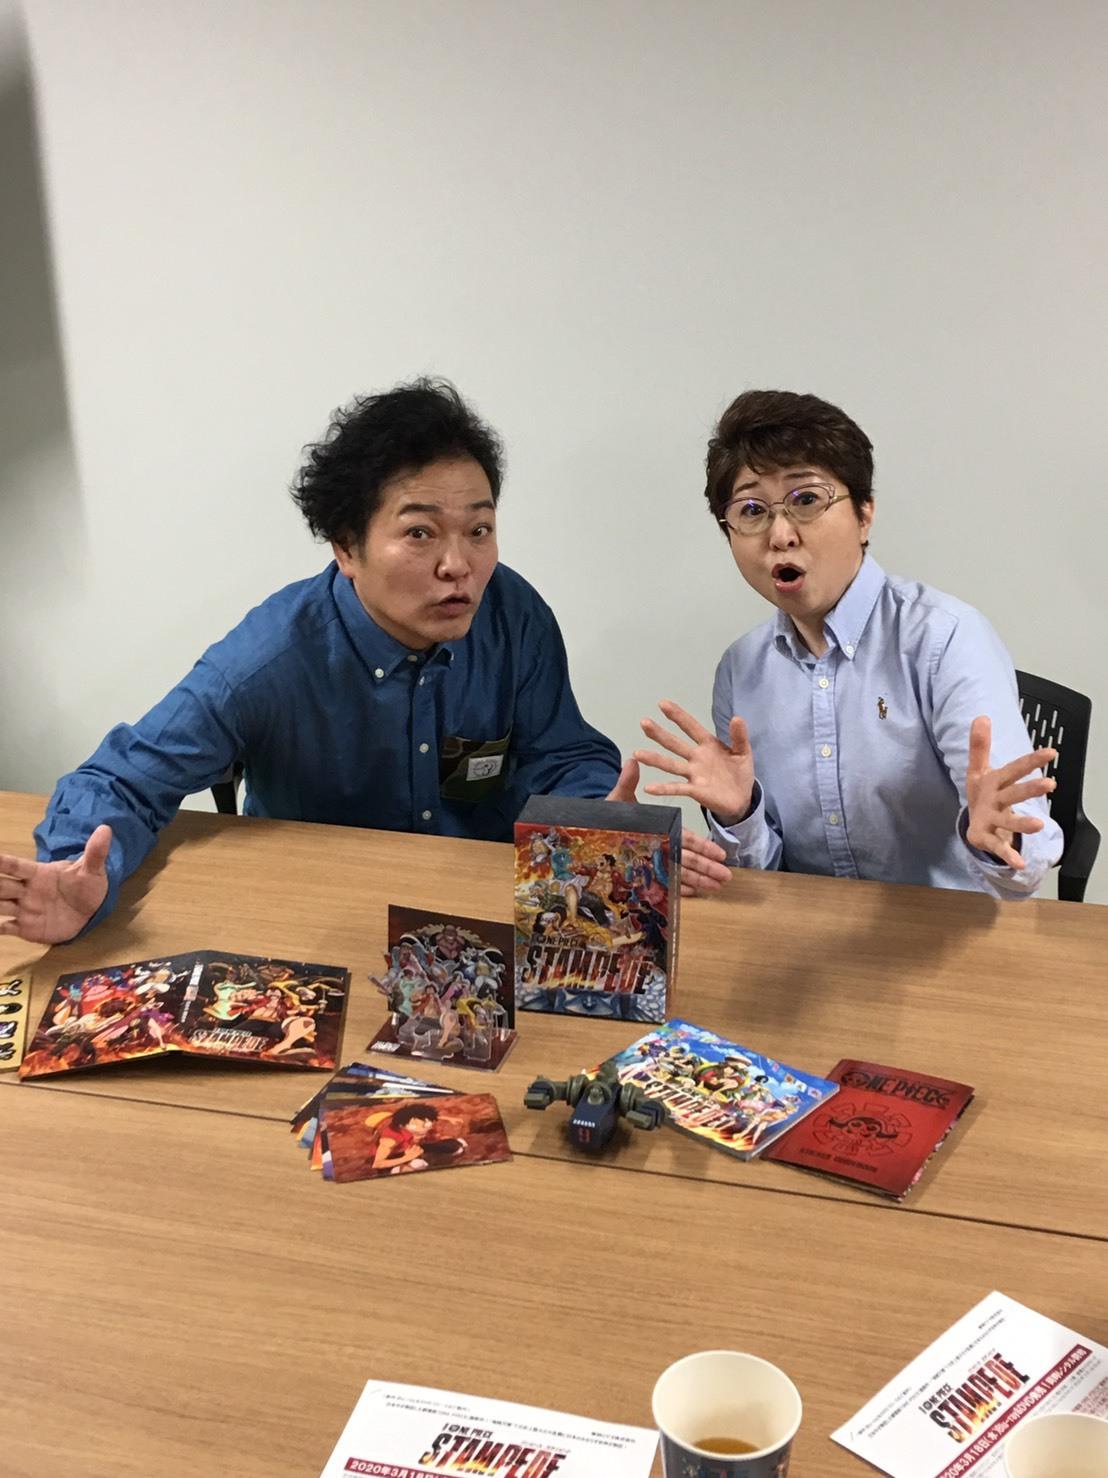 劇場版『ONE PIECE STAMPEDE』Blu-ray & DVD発売記念スペシャルトーク!!_a0163623_21272508.jpg